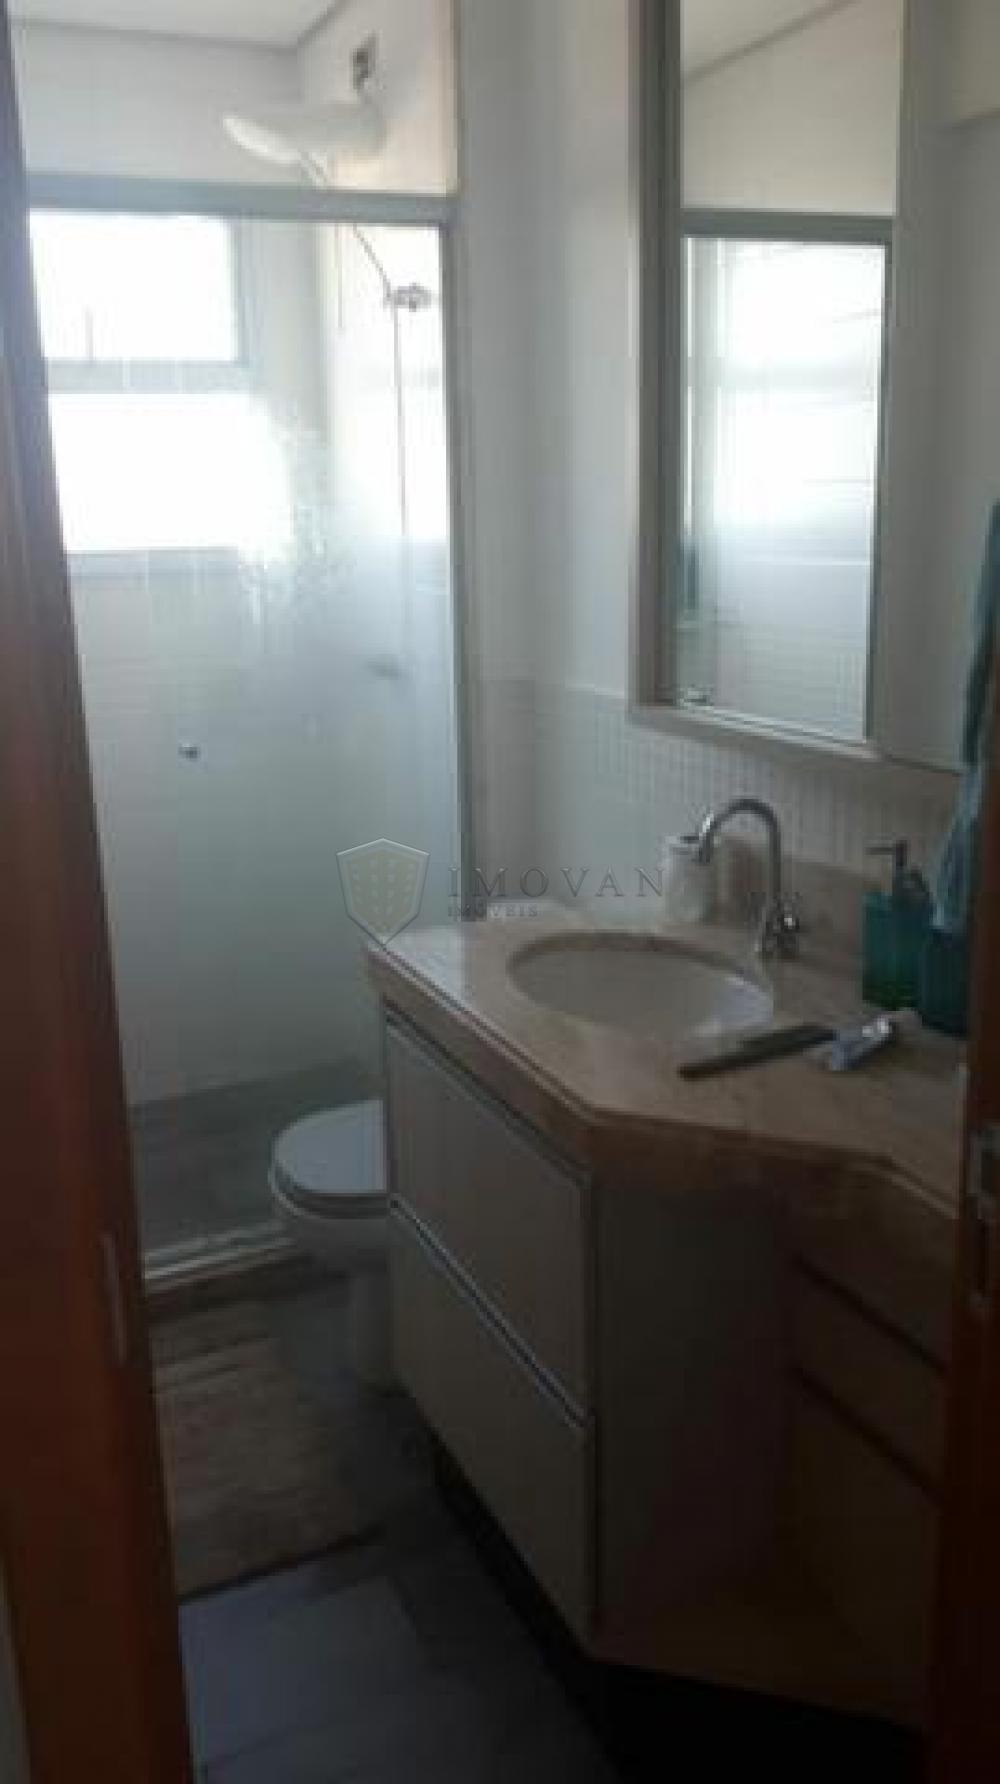 Comprar Apartamento / Padrão em Ribeirão Preto apenas R$ 470.000,00 - Foto 11